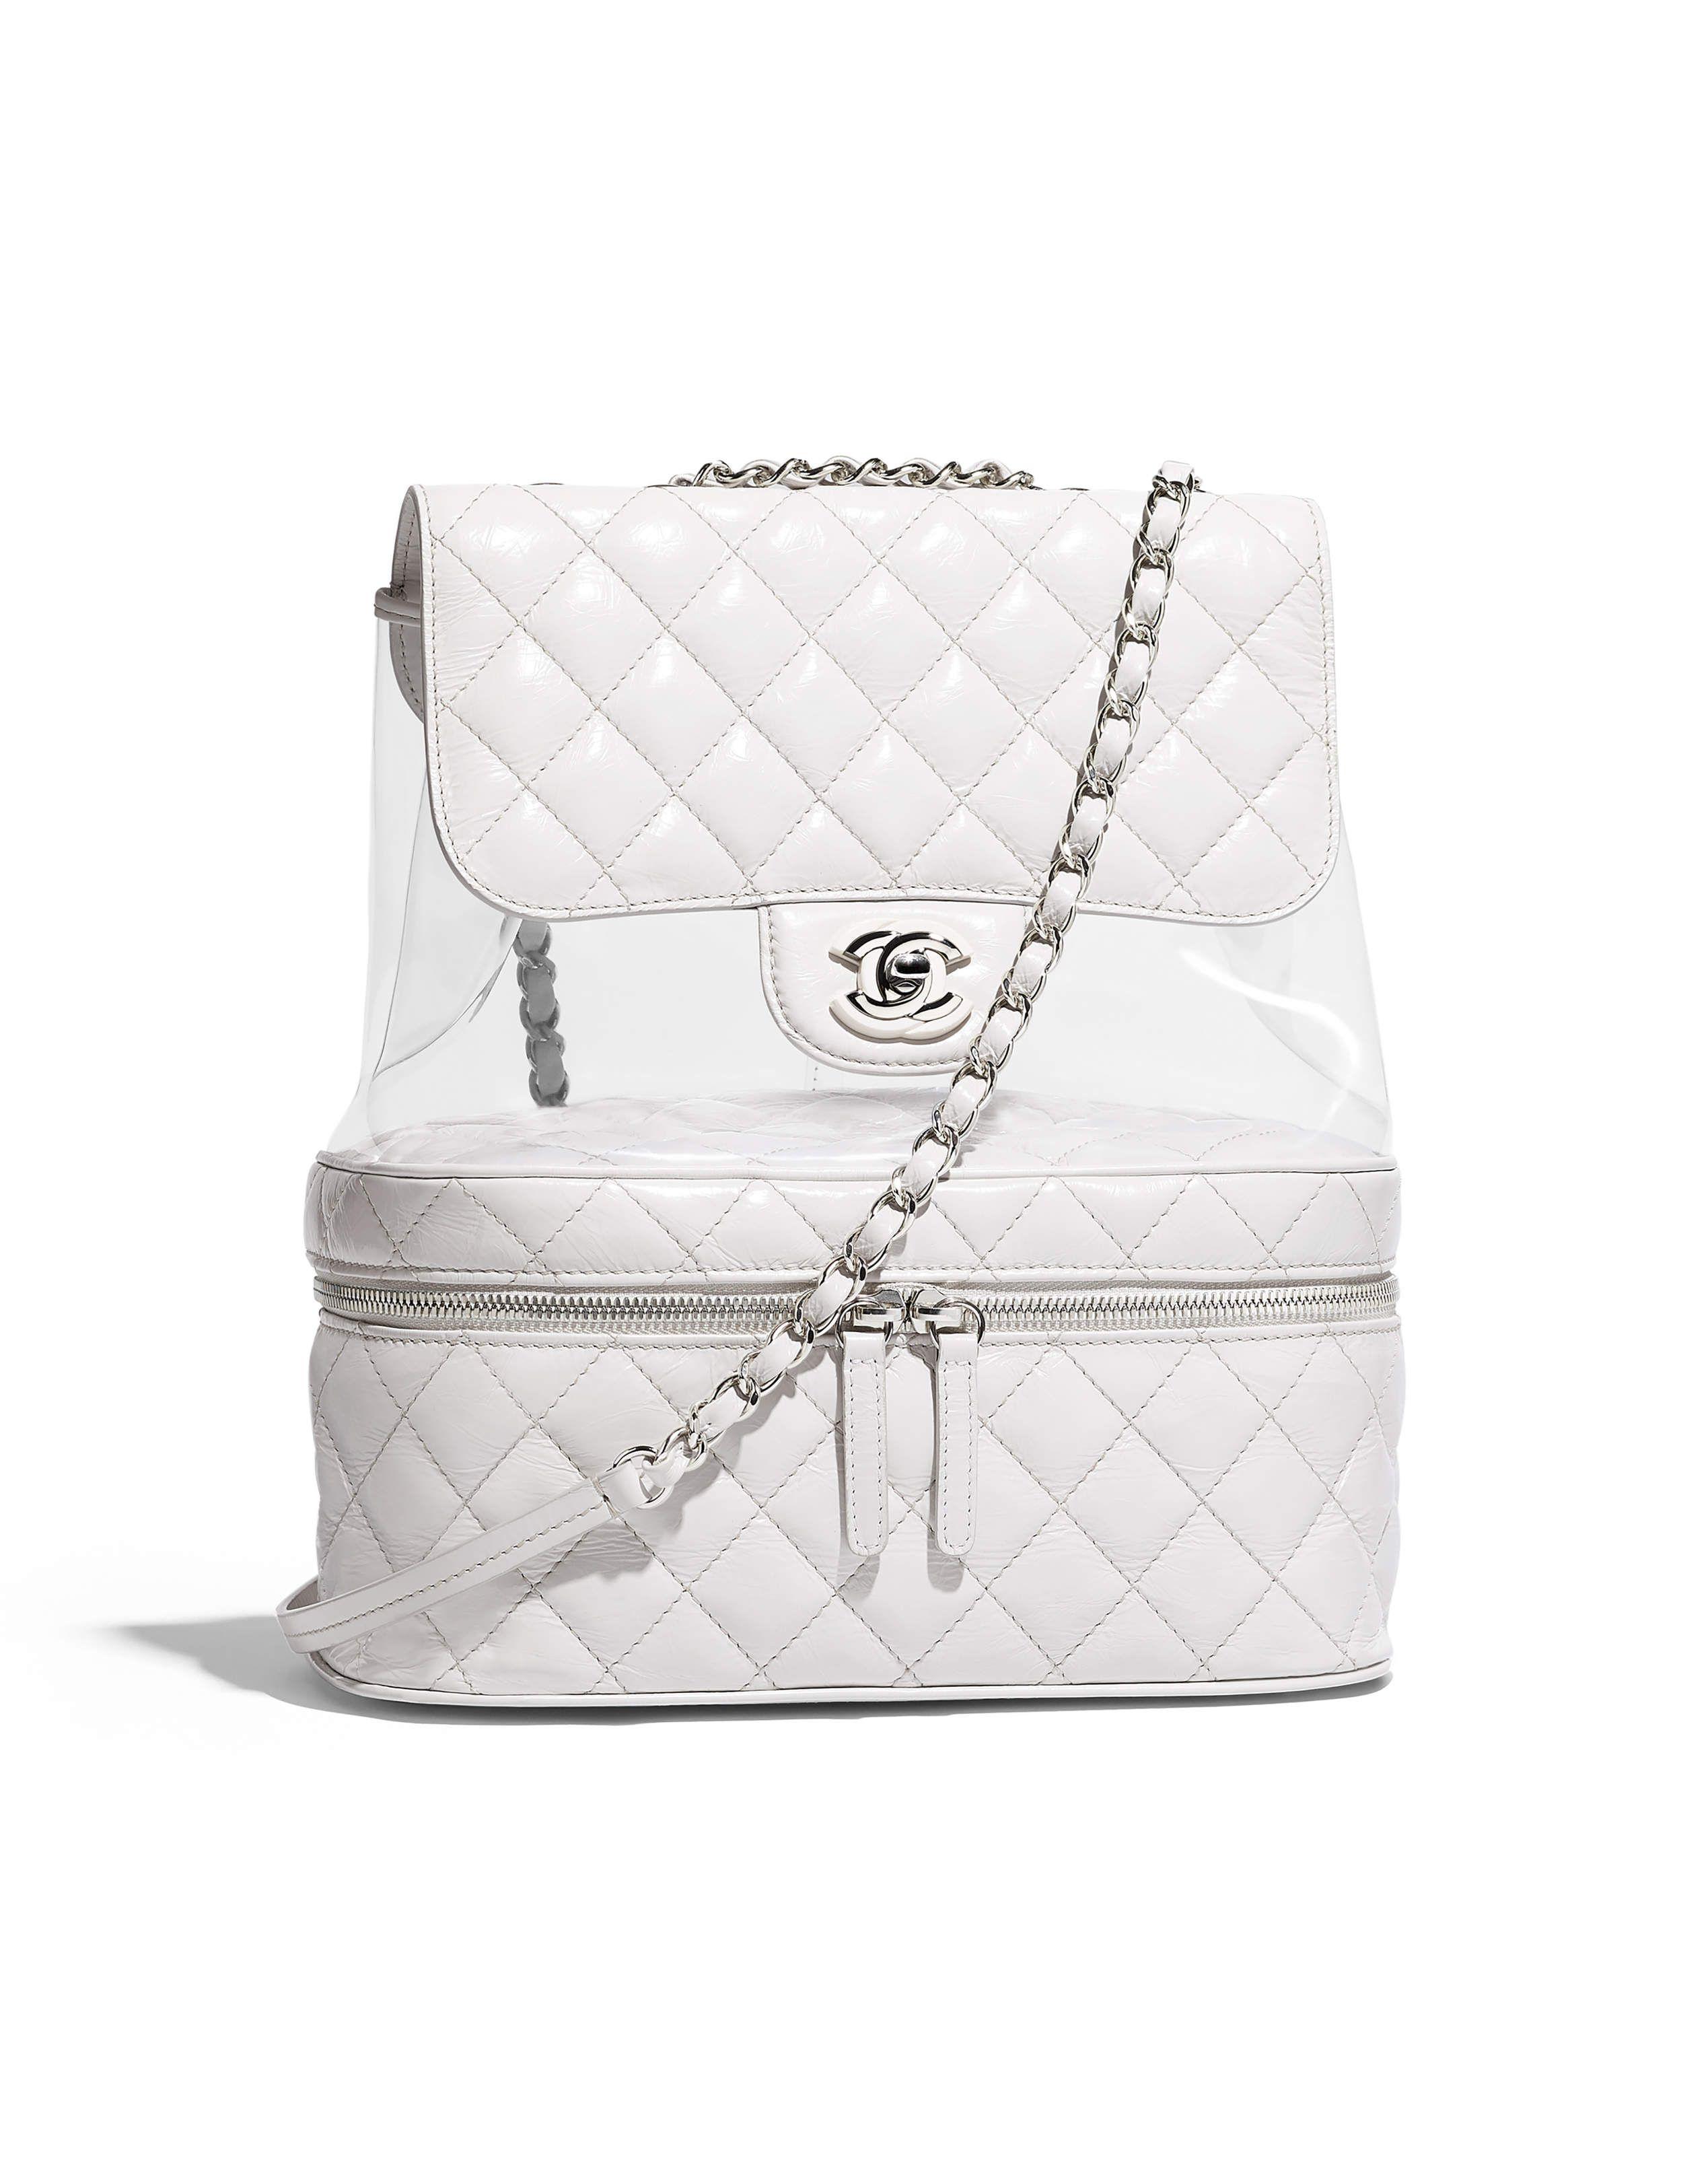 59525115461b Chanel - SS2018